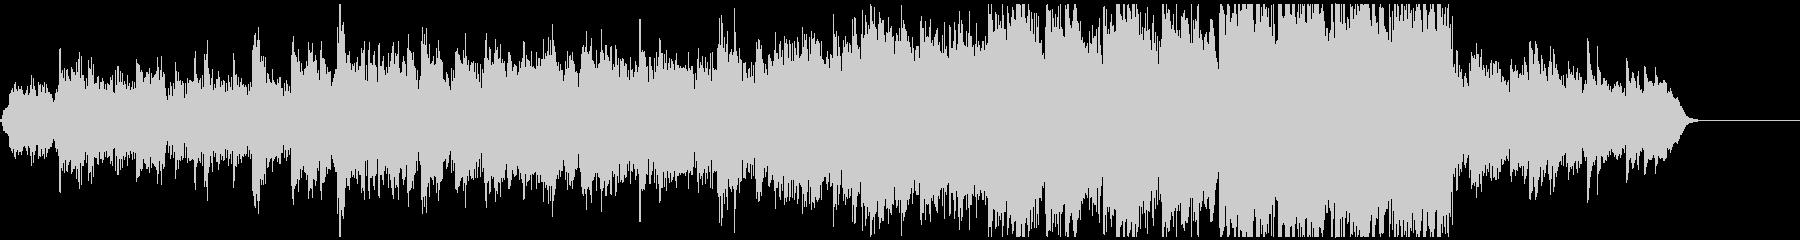 ピアノ主体のやさしく映像的に盛り上がる曲の未再生の波形